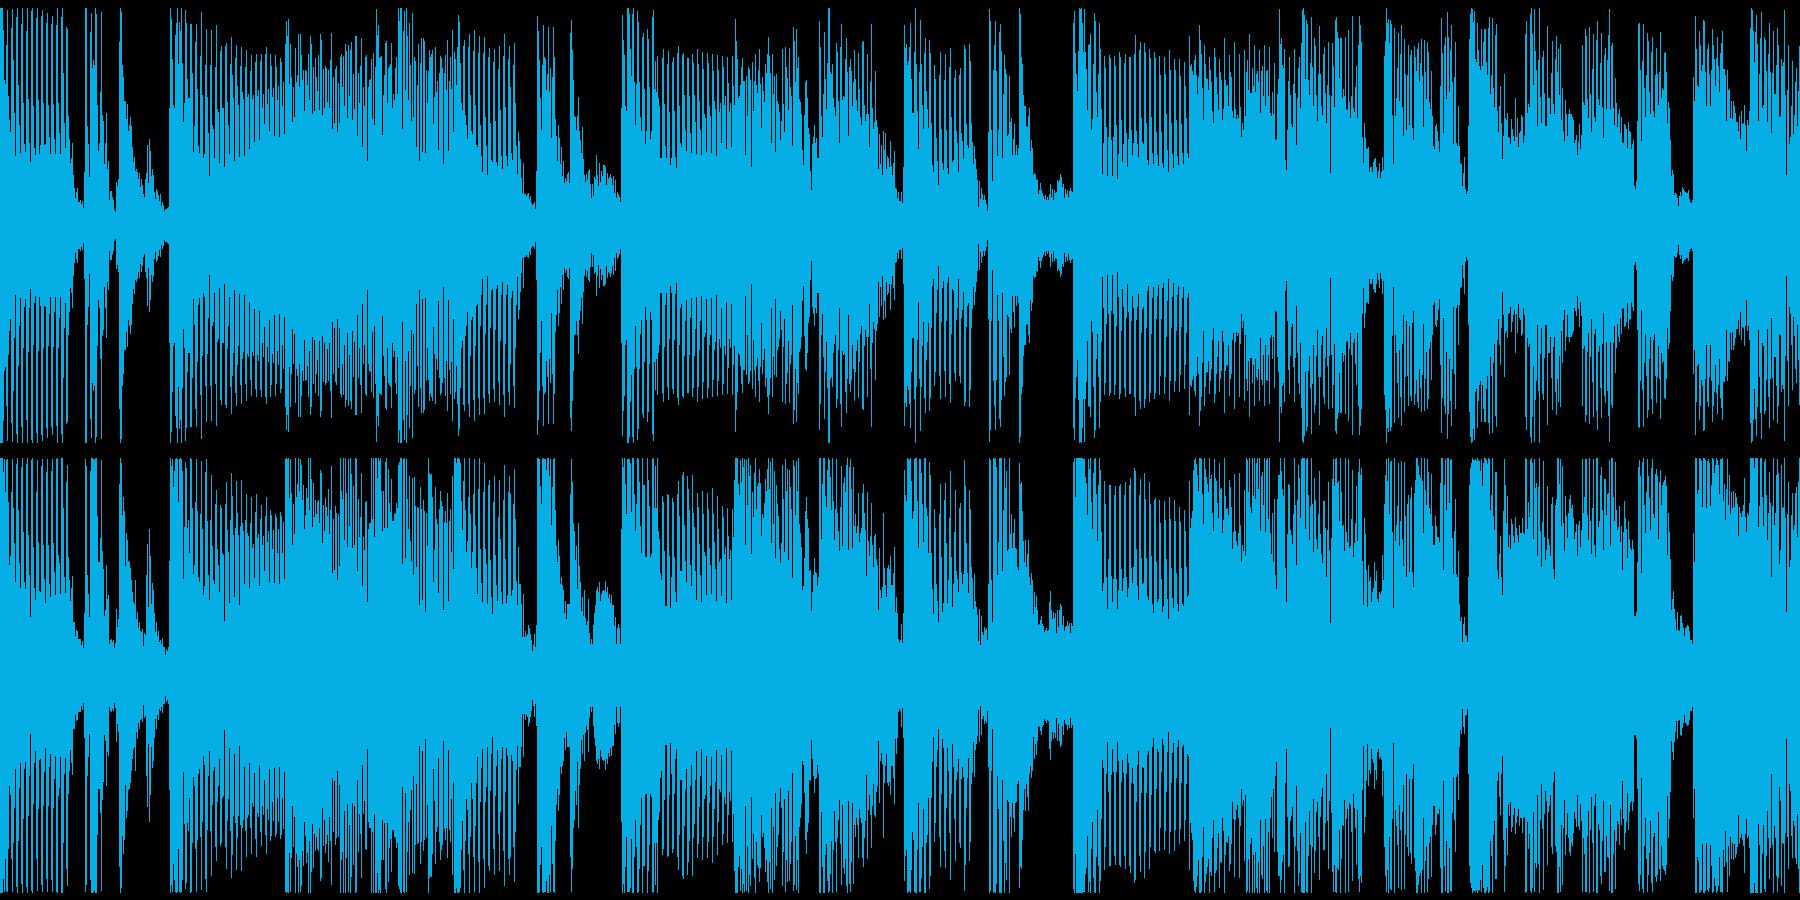 ループ。バンドサウンド。70年代風。の再生済みの波形